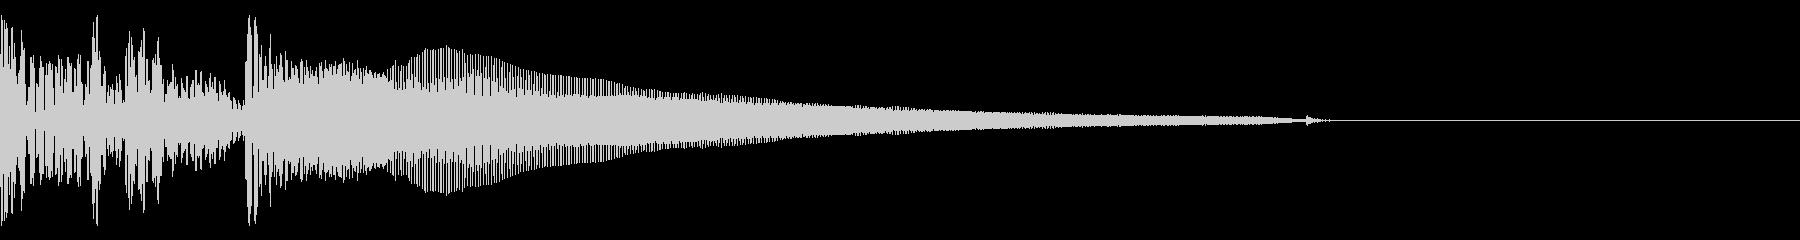 アップライトベース 部場面切り替え4の未再生の波形